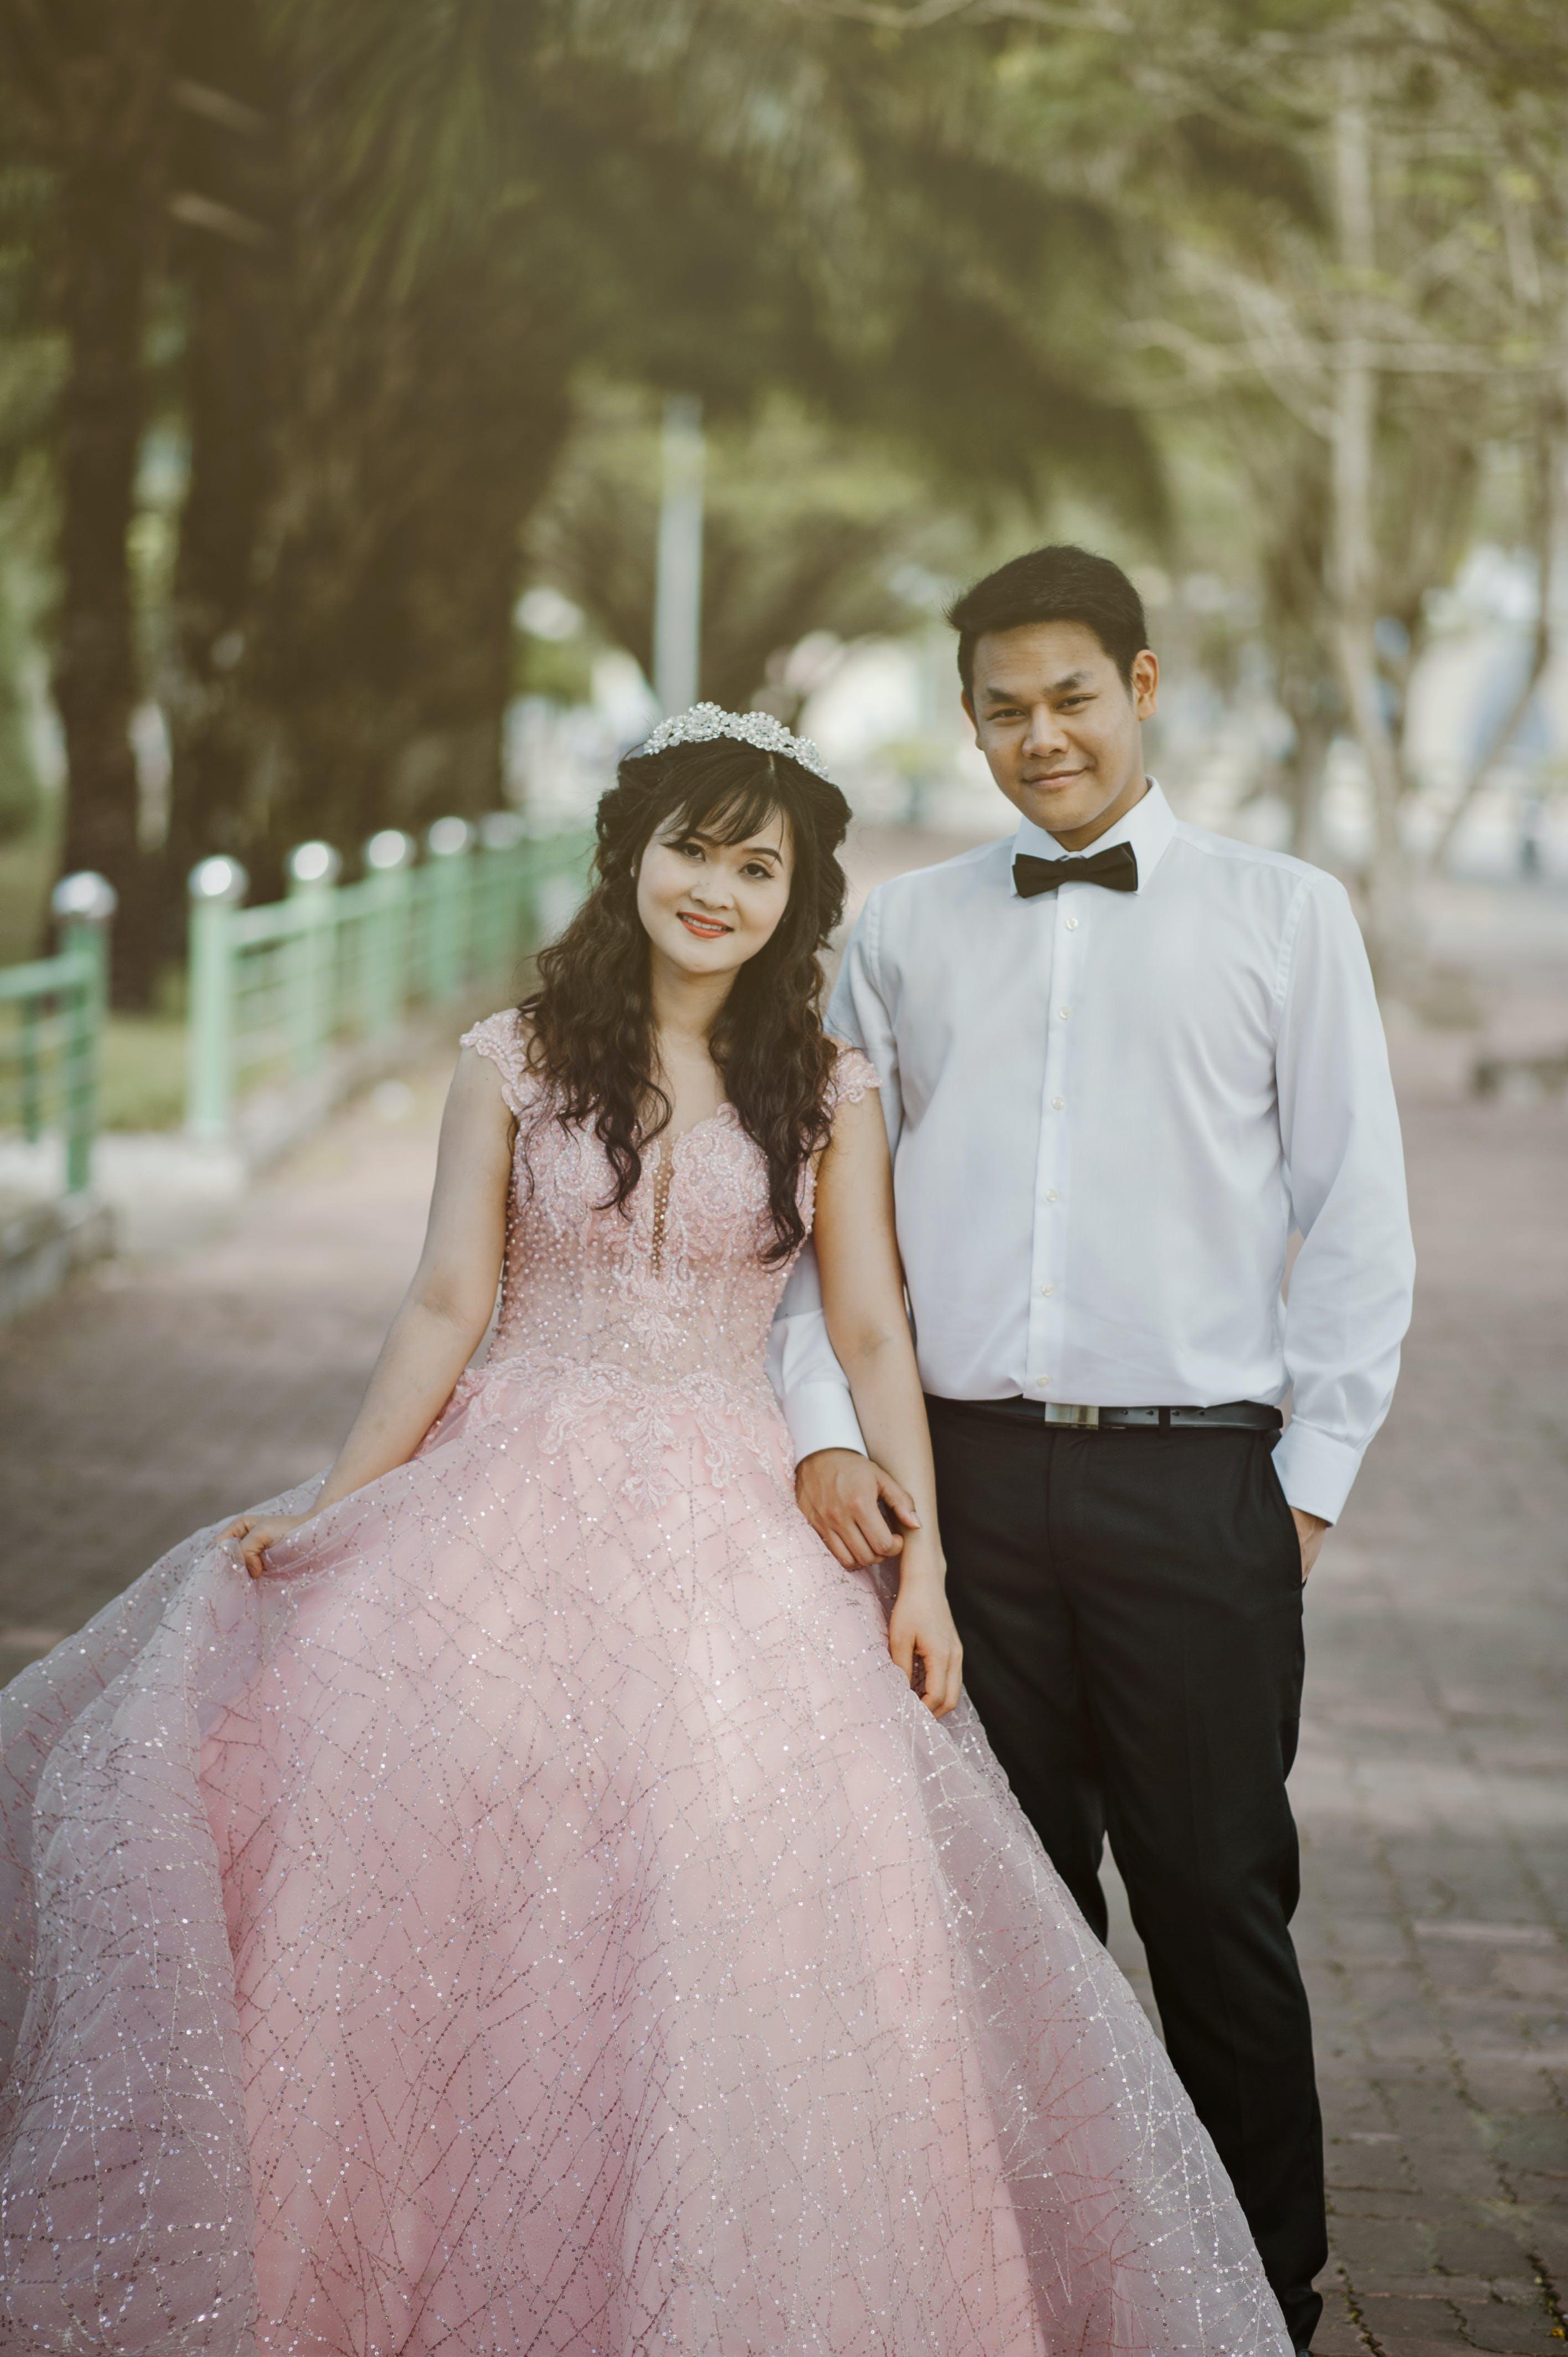 Woman Wearing Pink Wedding Gown Standing Next to Man Wearing White Dress Shirt